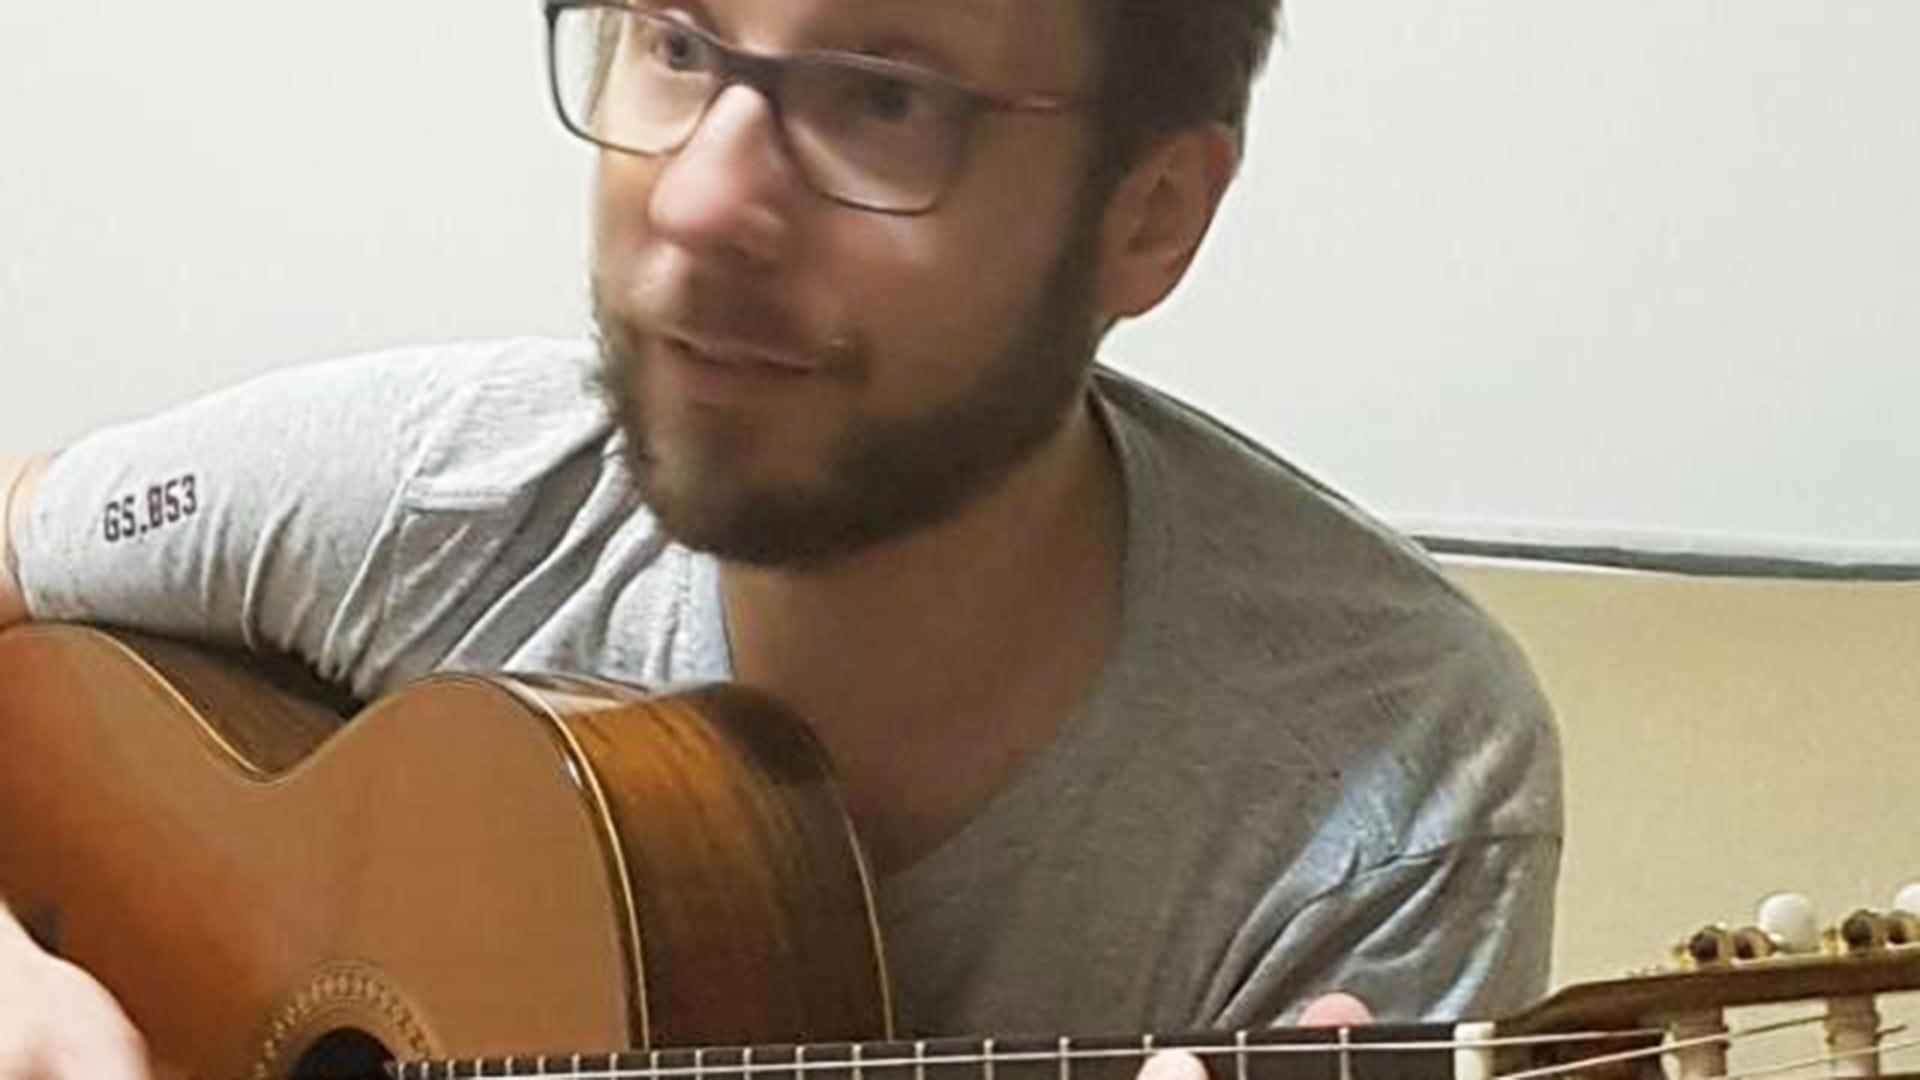 Daniel Szulc